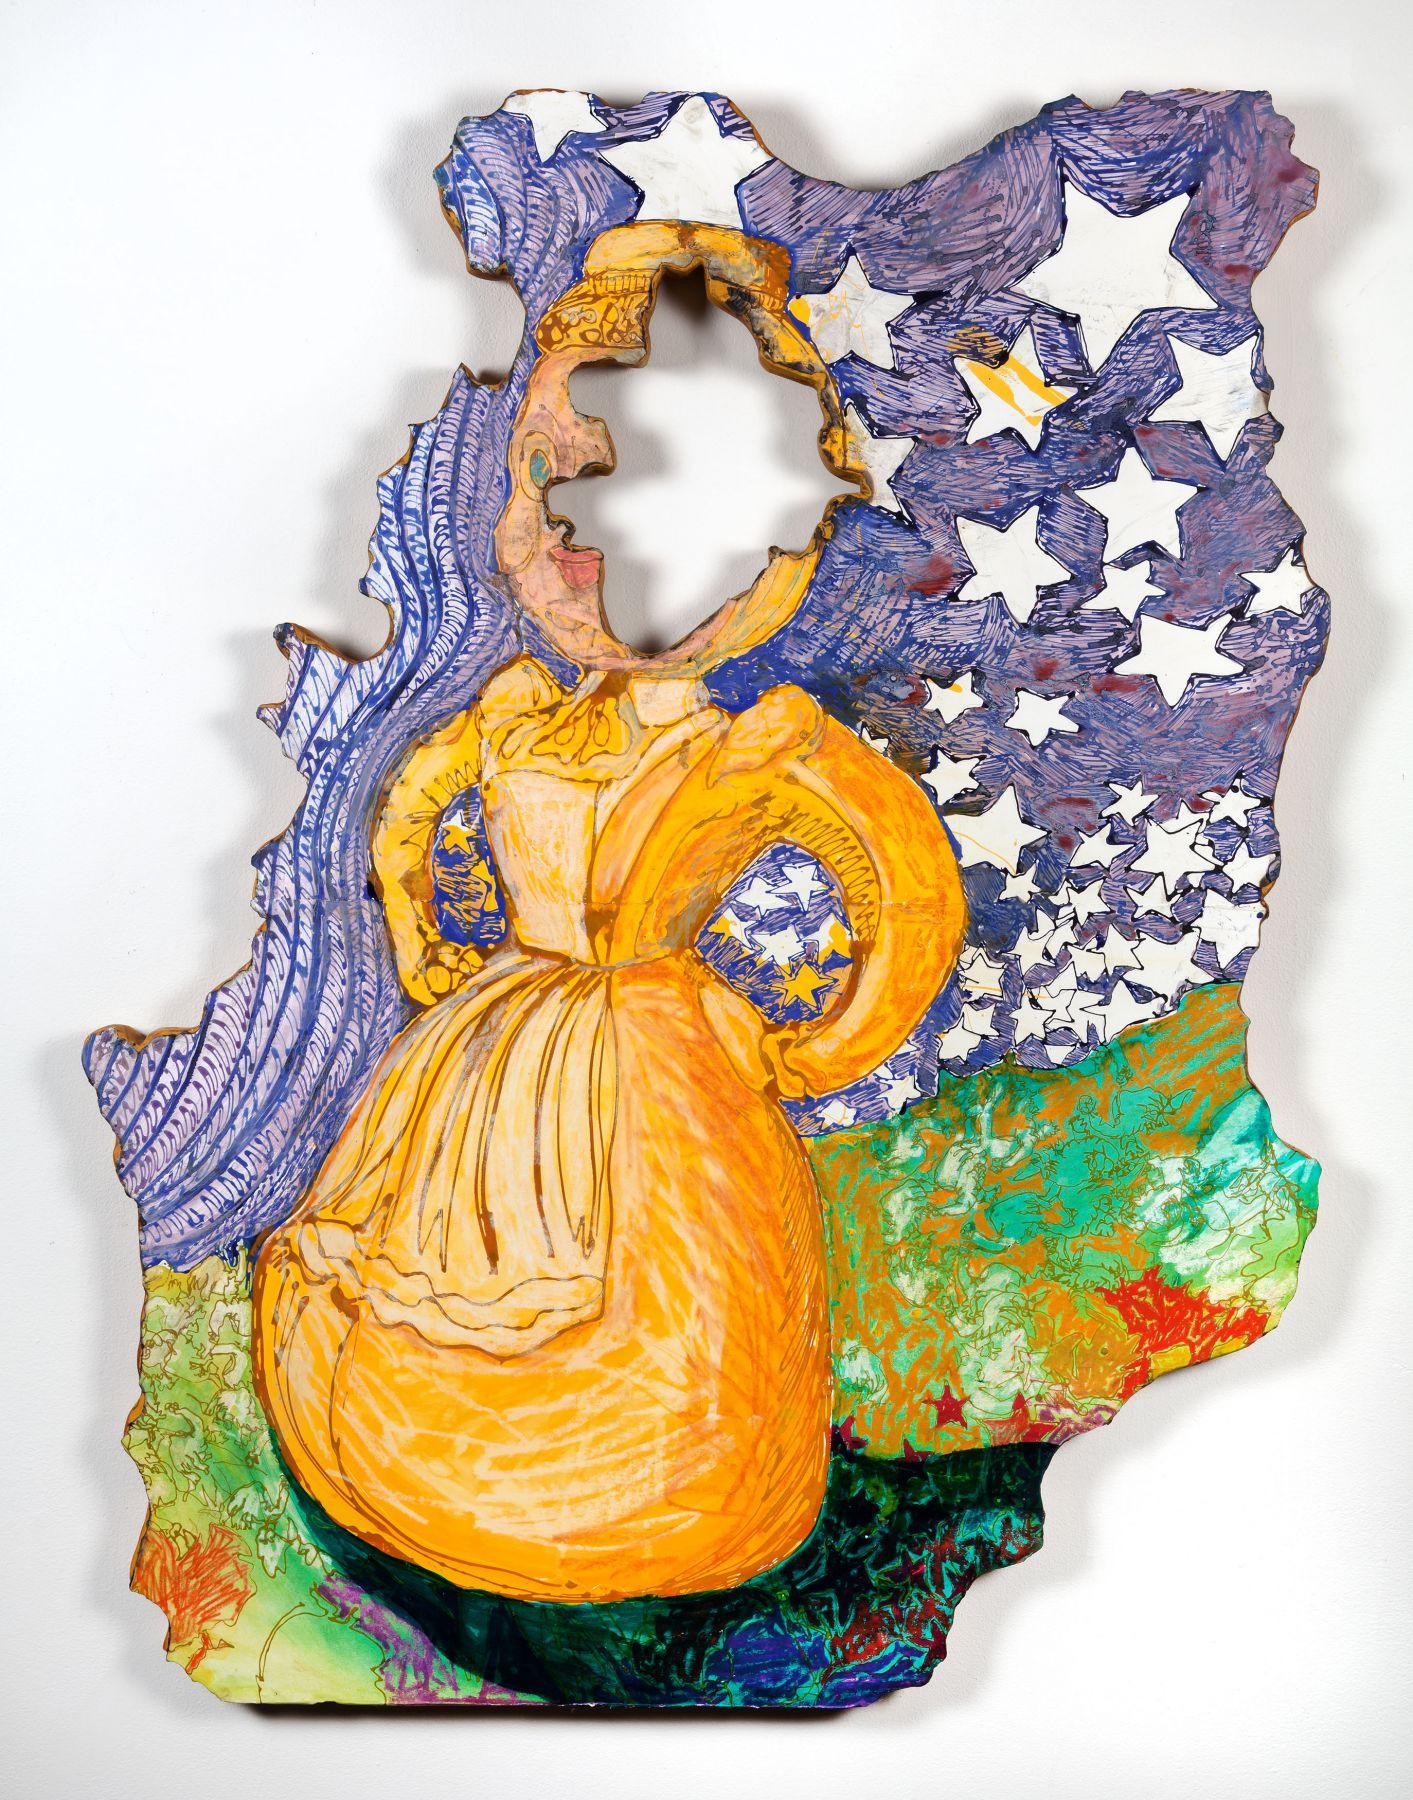 GINA PHILLIPS Stars Fell on Little Yellow Miss, 2014